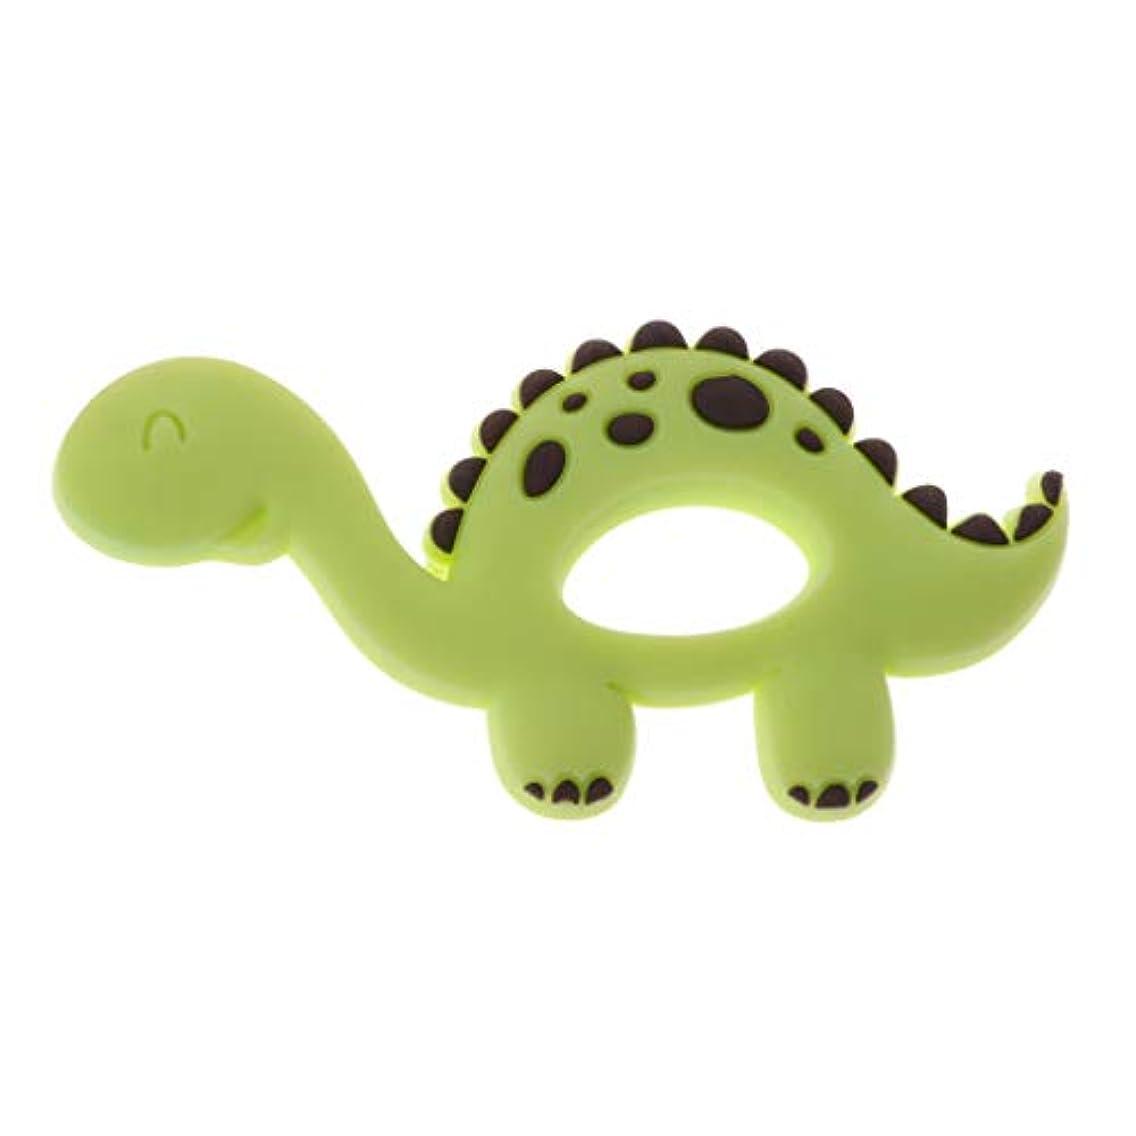 泥沼鳥麻痺させるLanddumシリコーンおしゃぶり恐竜シリコーンおしゃぶり赤ちゃん看護玩具かむ玩具歯を作るガラガラおもちゃ - 青